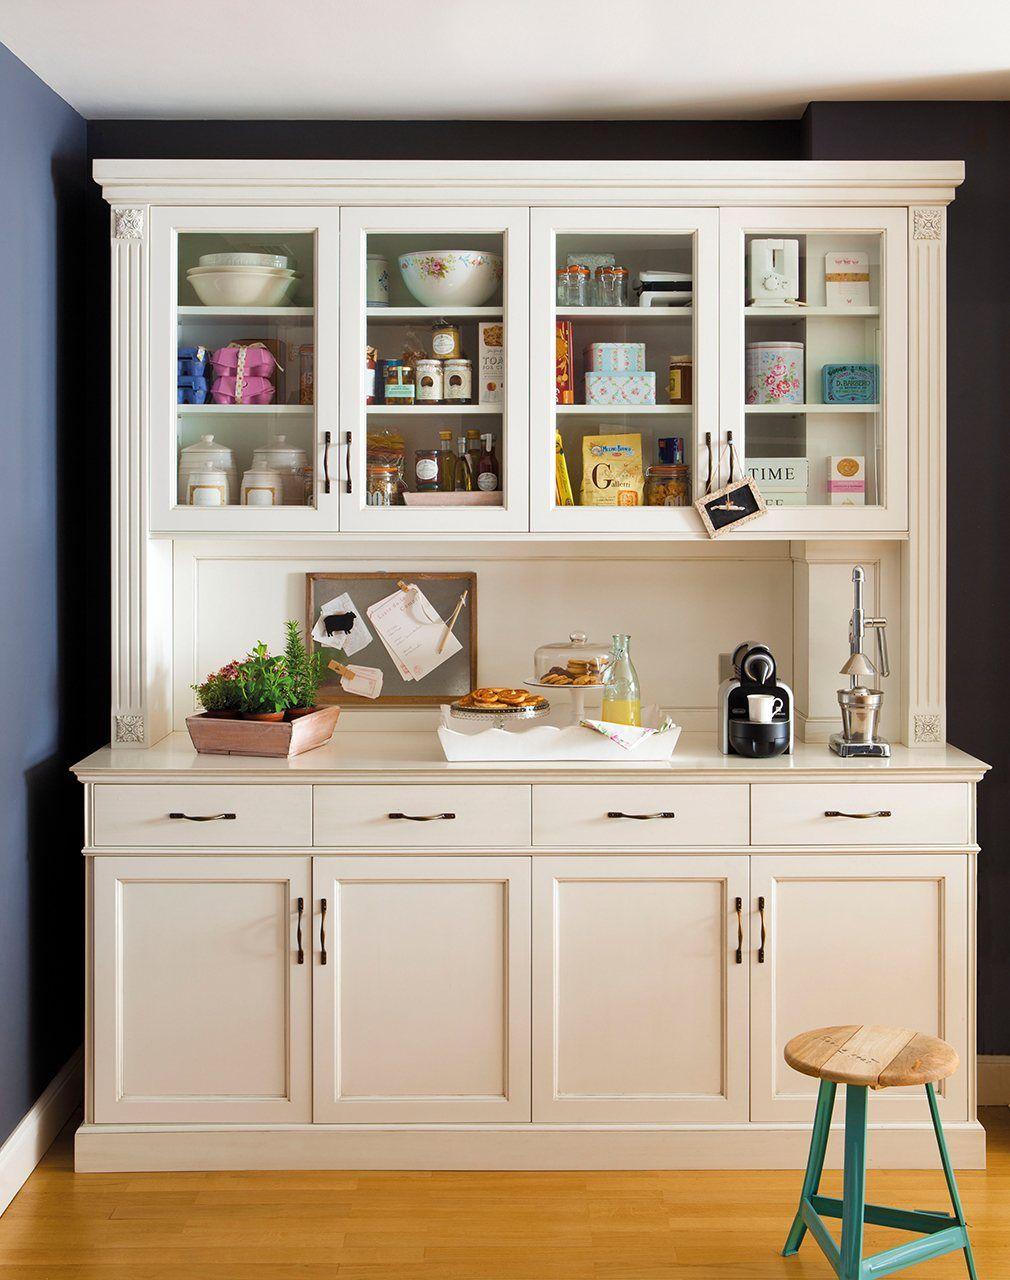 La despensa ideal | Casas y muebles | Pinterest | Despensa, Alacena ...